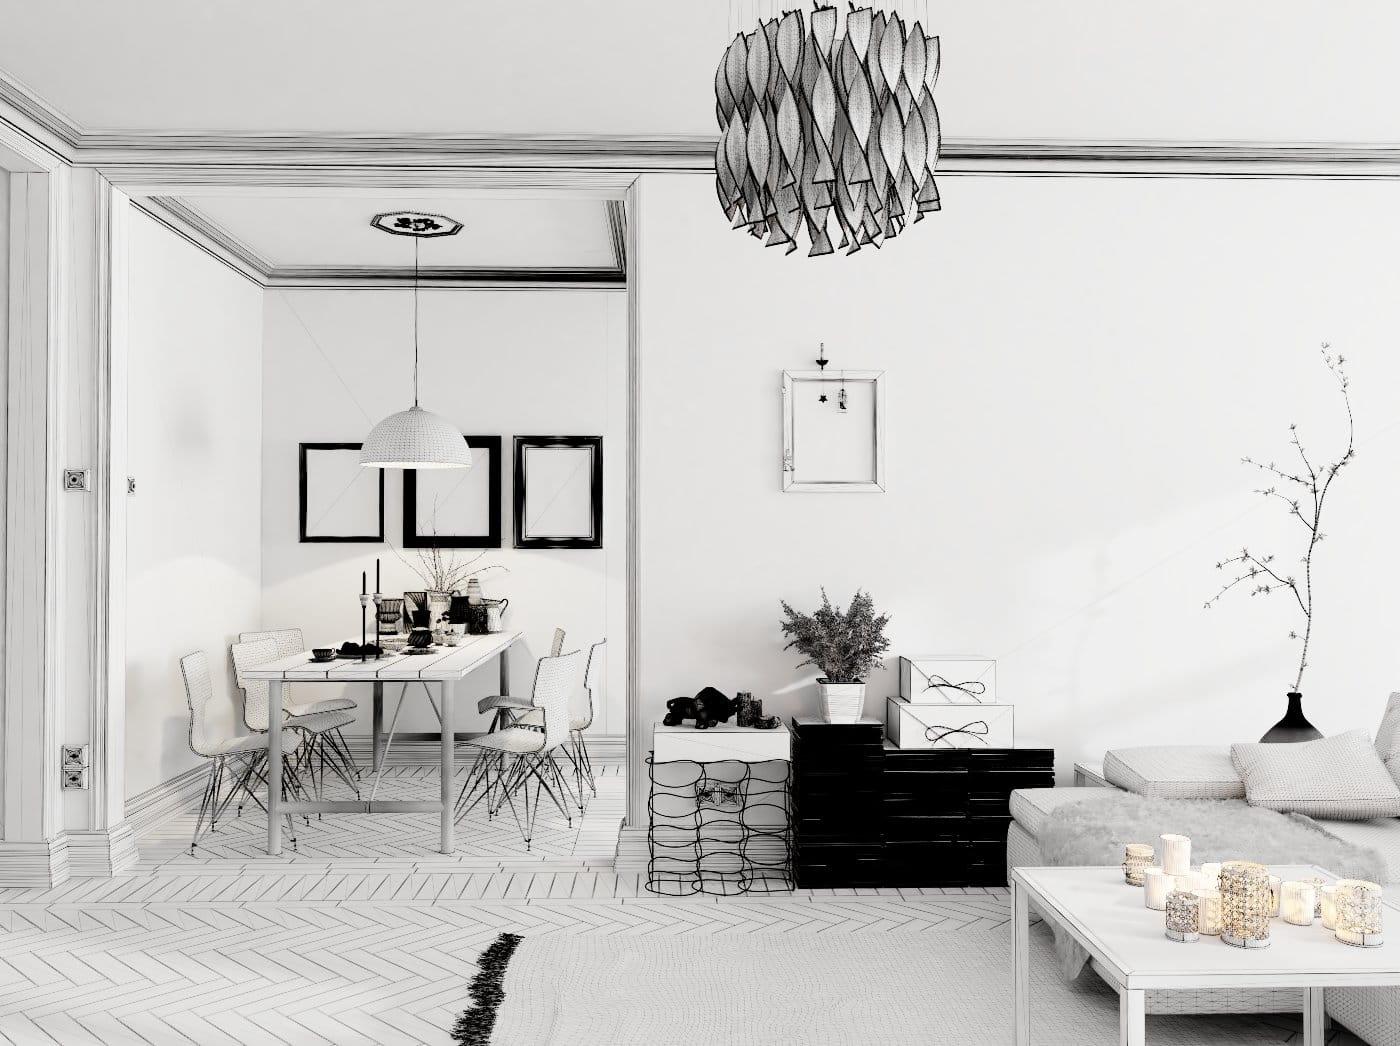 Blender: Making of White Living Room - Evermotion